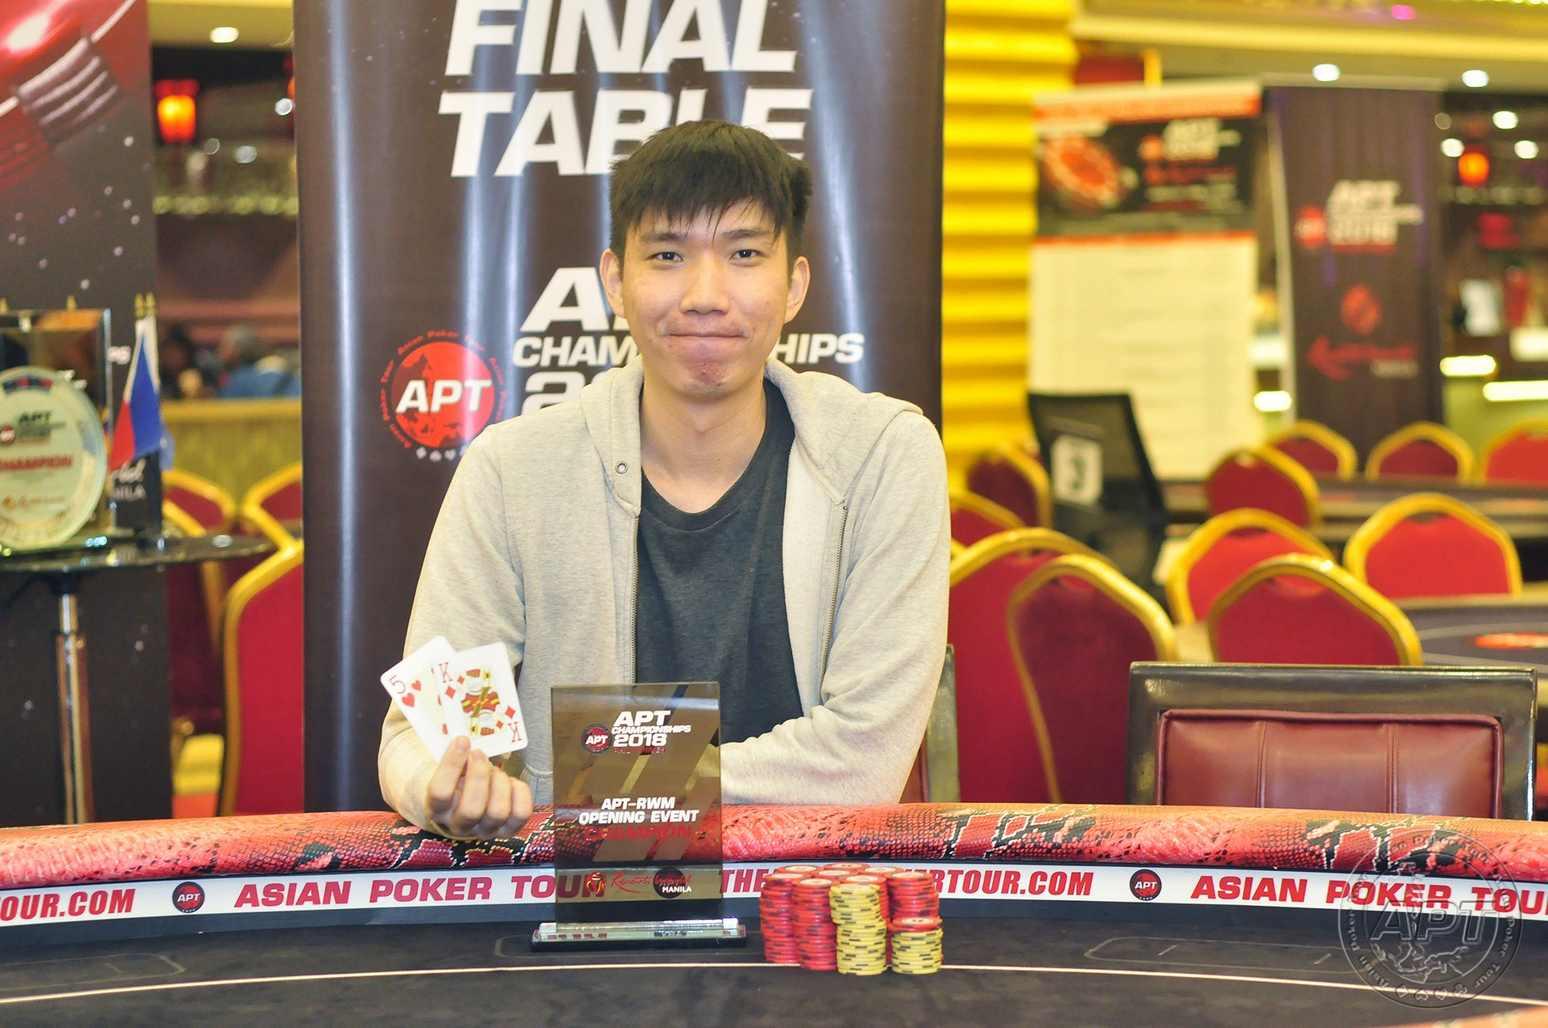 John Low Zi Cheng